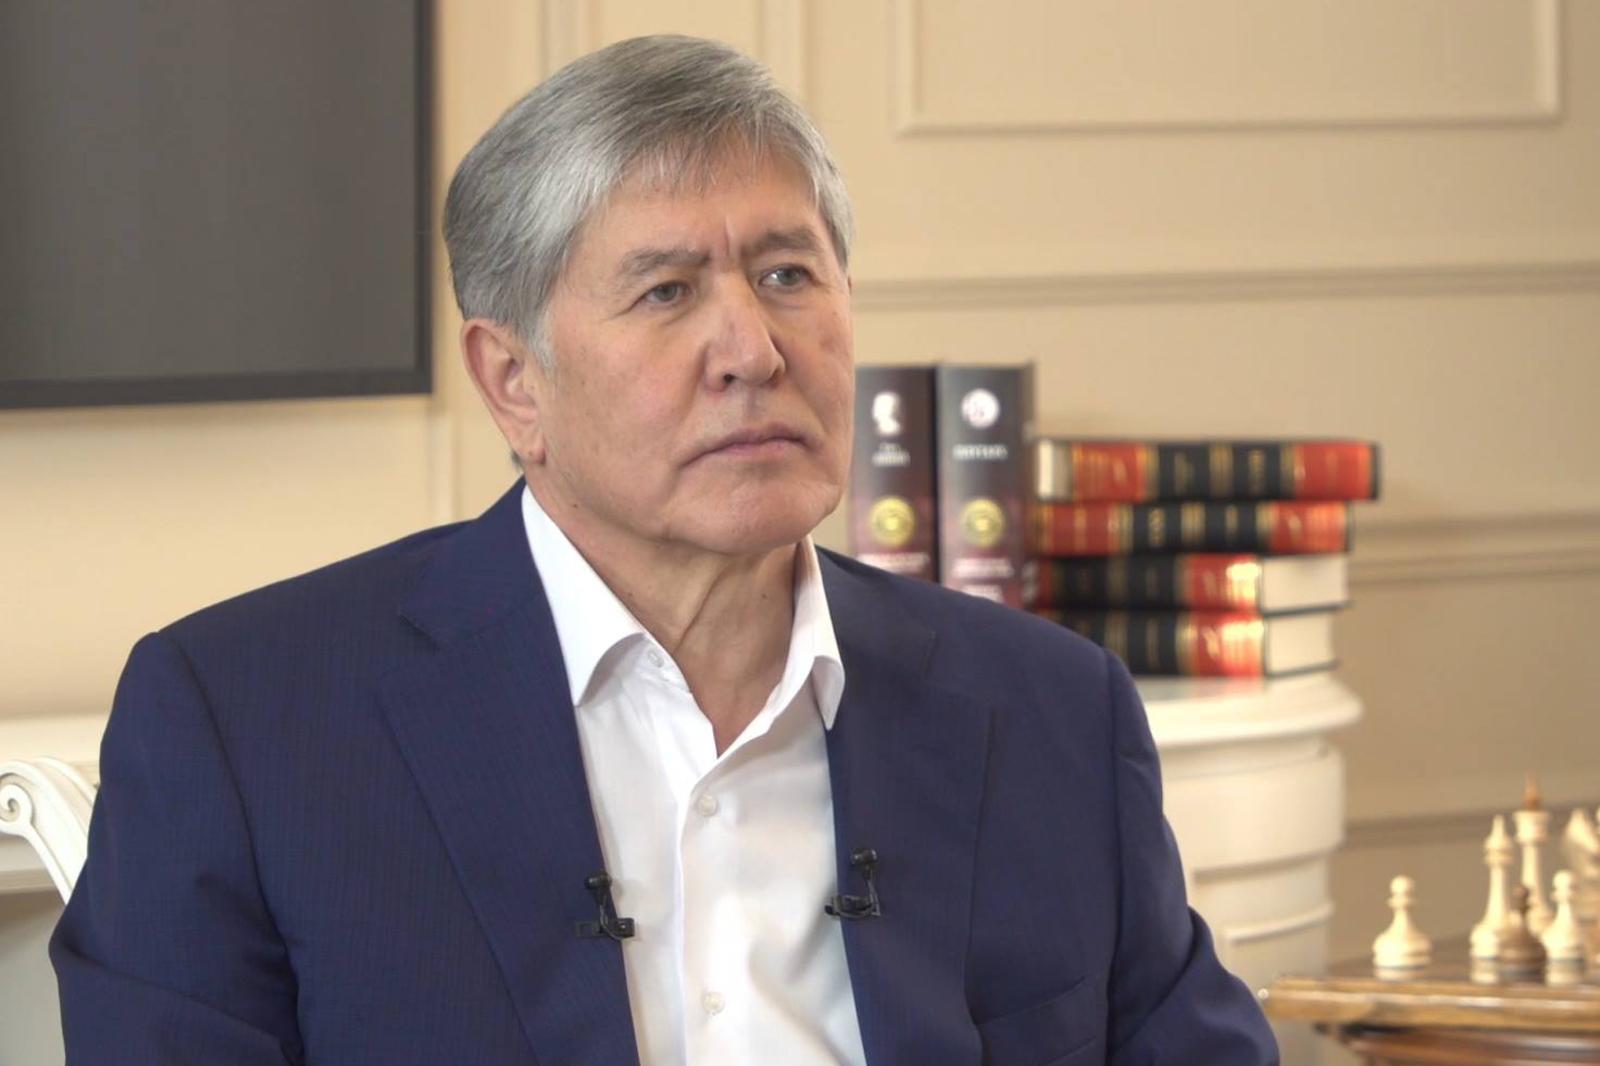 У Алмазбека Атамбаева на данный момент существует большое количество сторонников в Киргизии, считаетполитолог / официальная страница Алмазбека Атамбаева в Facebook (https://www.facebook.com/almazbek.atambaev/)